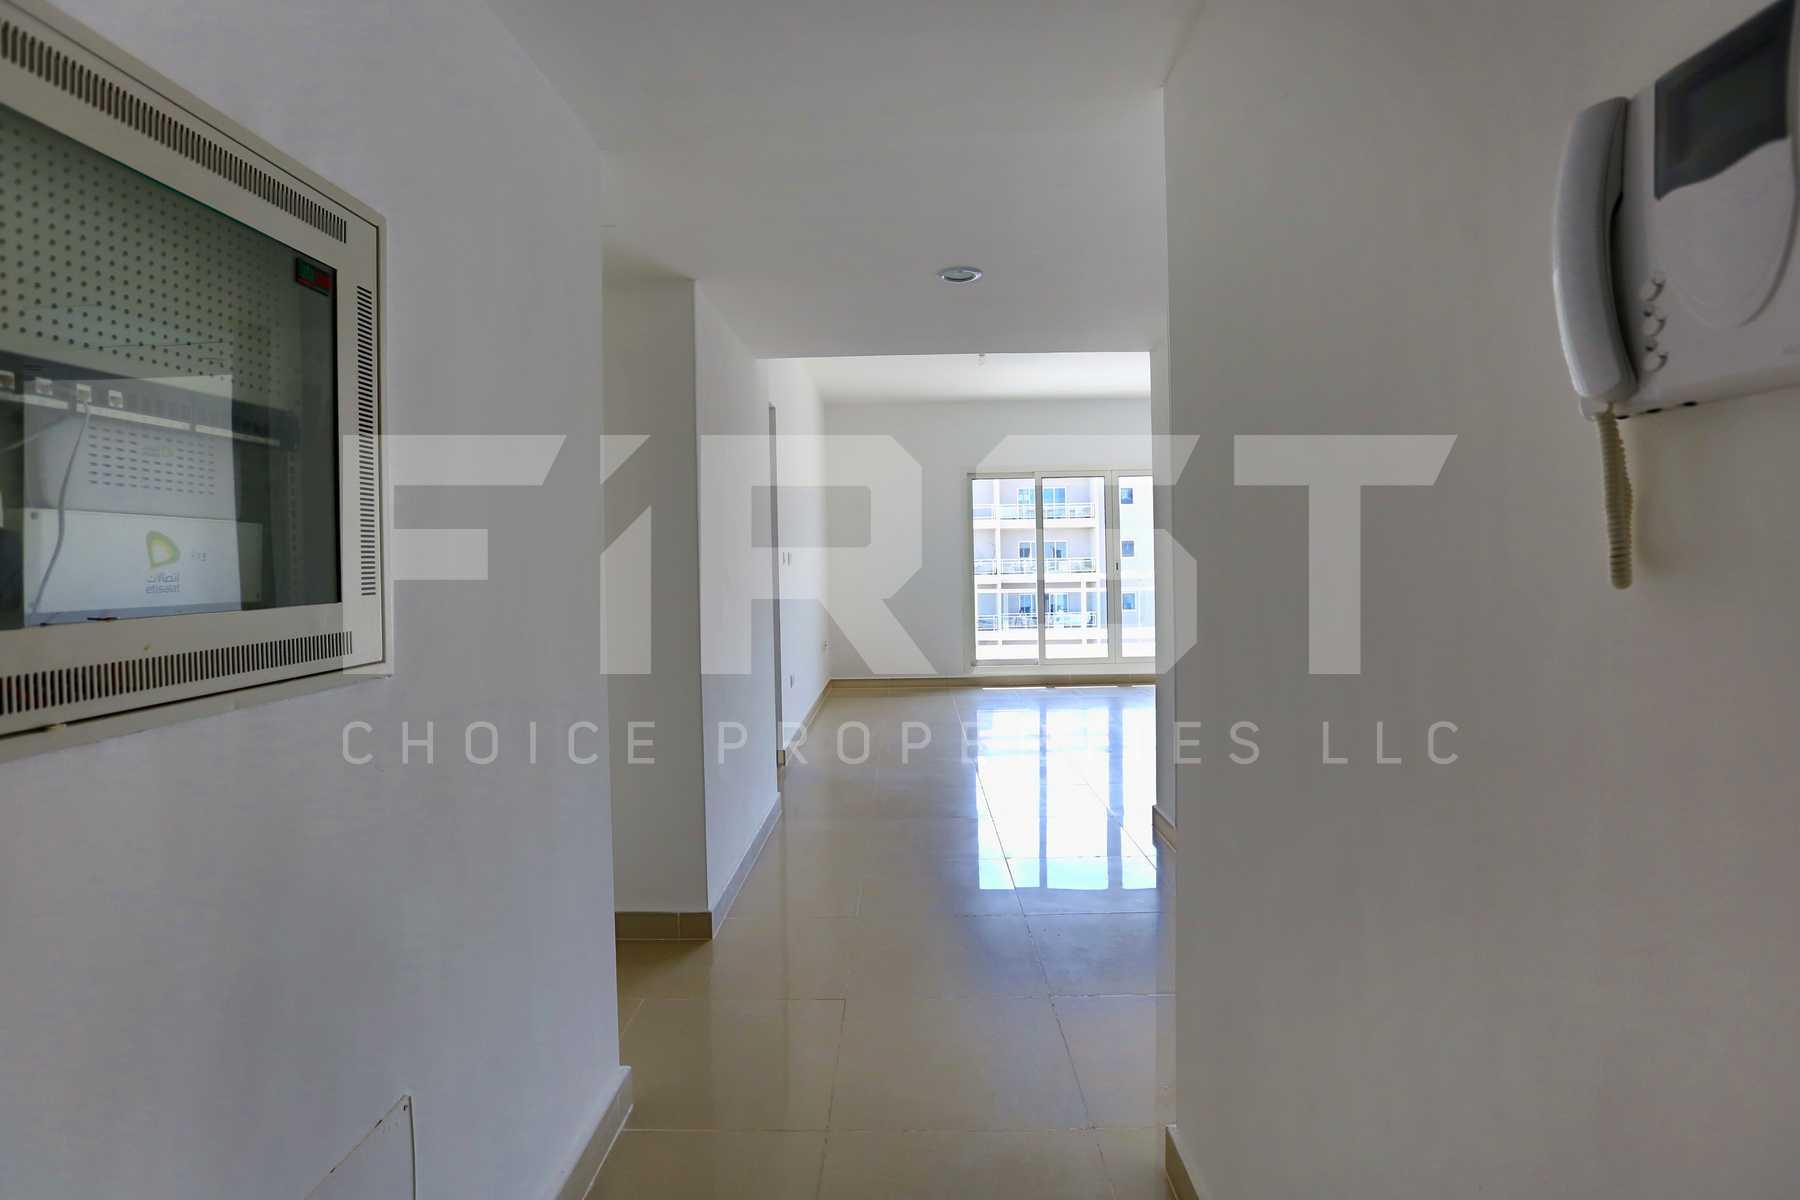 Internal Photo of 2 Bedroom Apartment Type B in Al Reef Downtown Al Reef Abu Dhabi UAE 114 sq.m 1227 (1).jpg